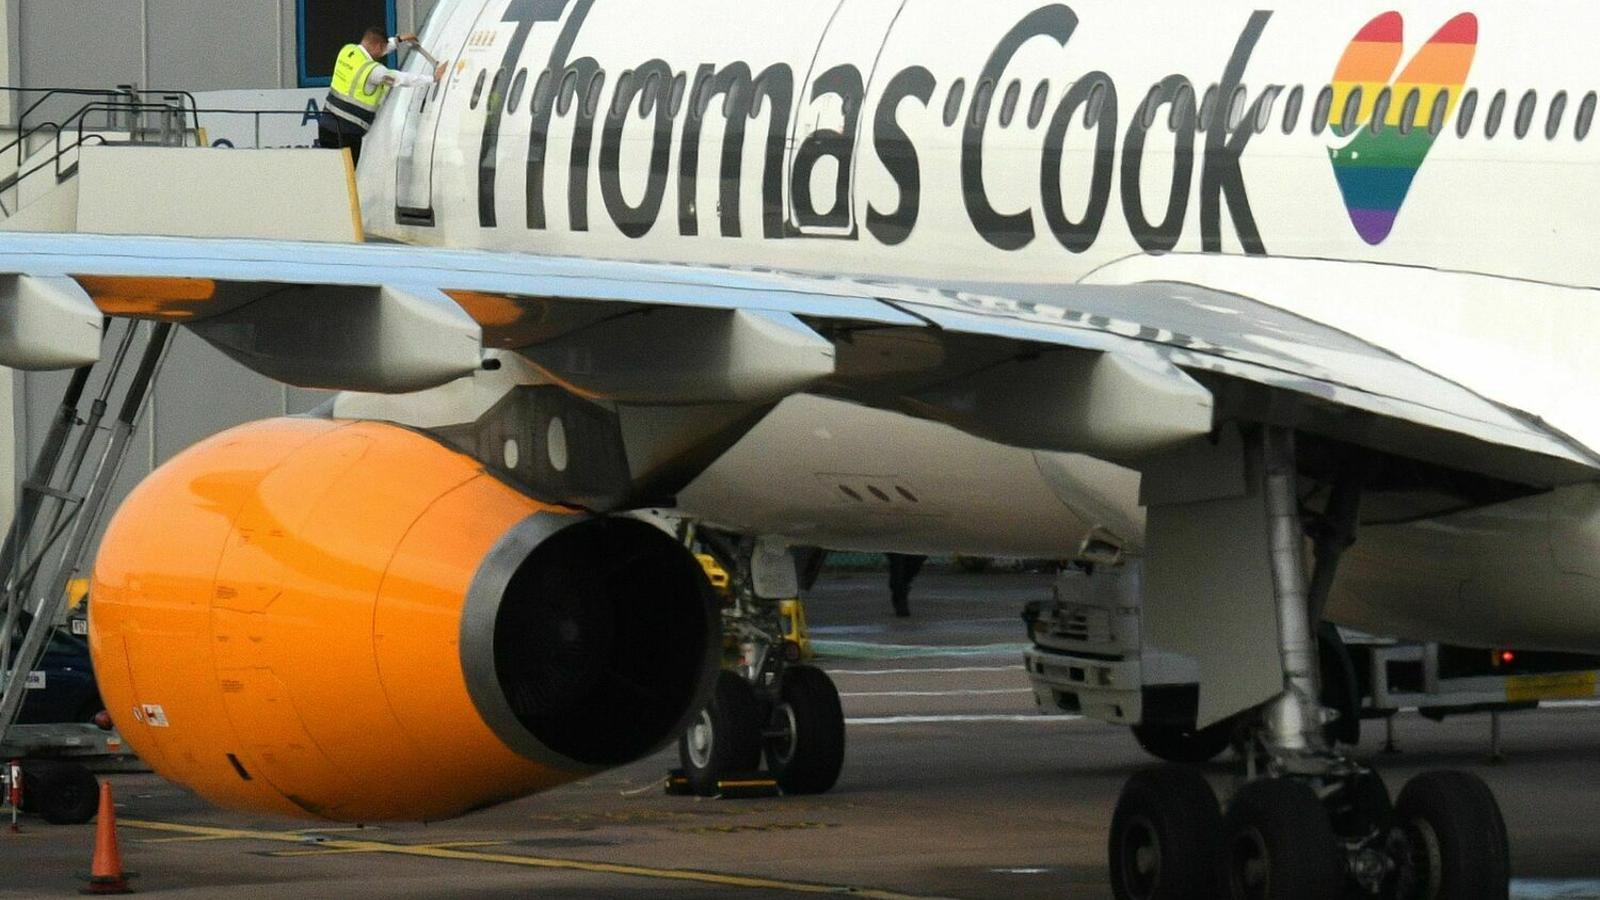 L'aeroport de Lleida-Alguaire amb avions contractats pel turoperador Neilson/ OLI SCARFF / AFP